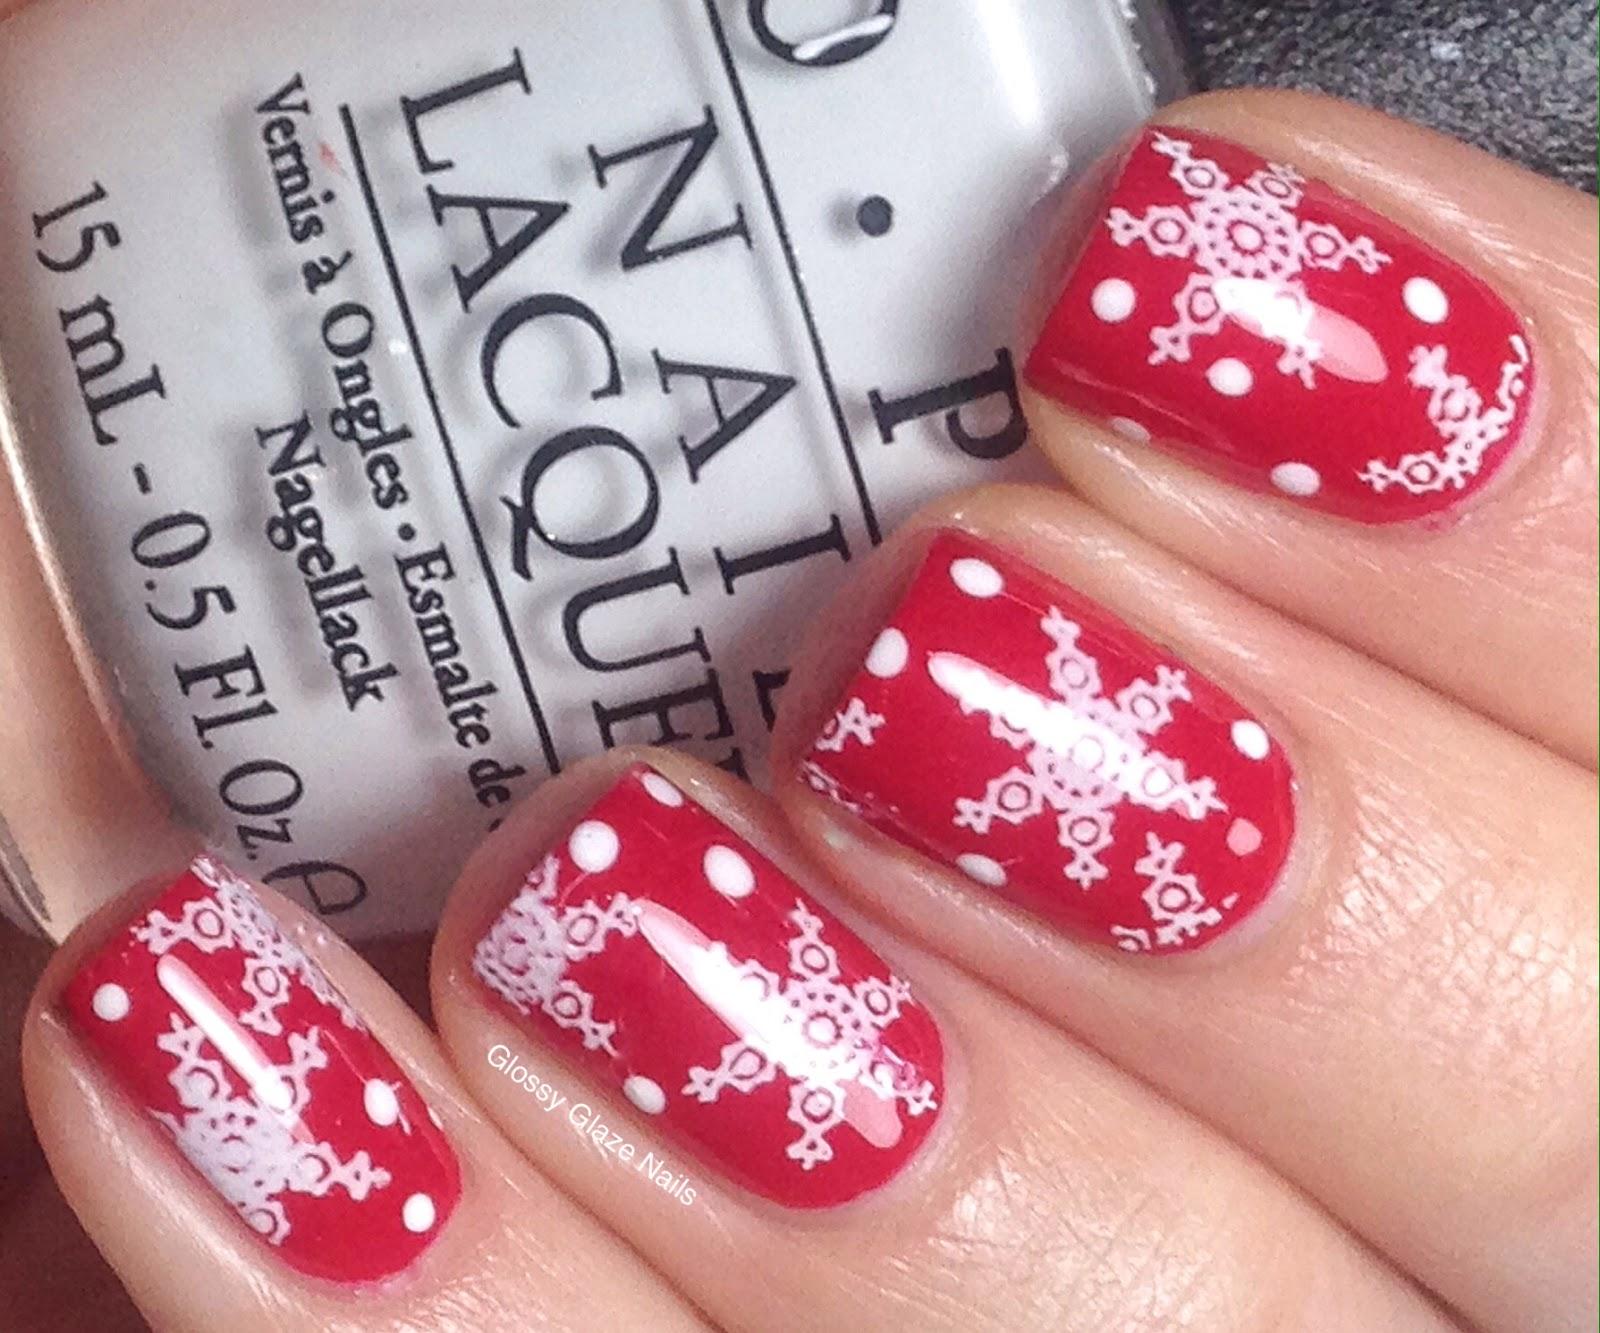 Stamping Snowflake Nail Art - Glossy Glaze Nails